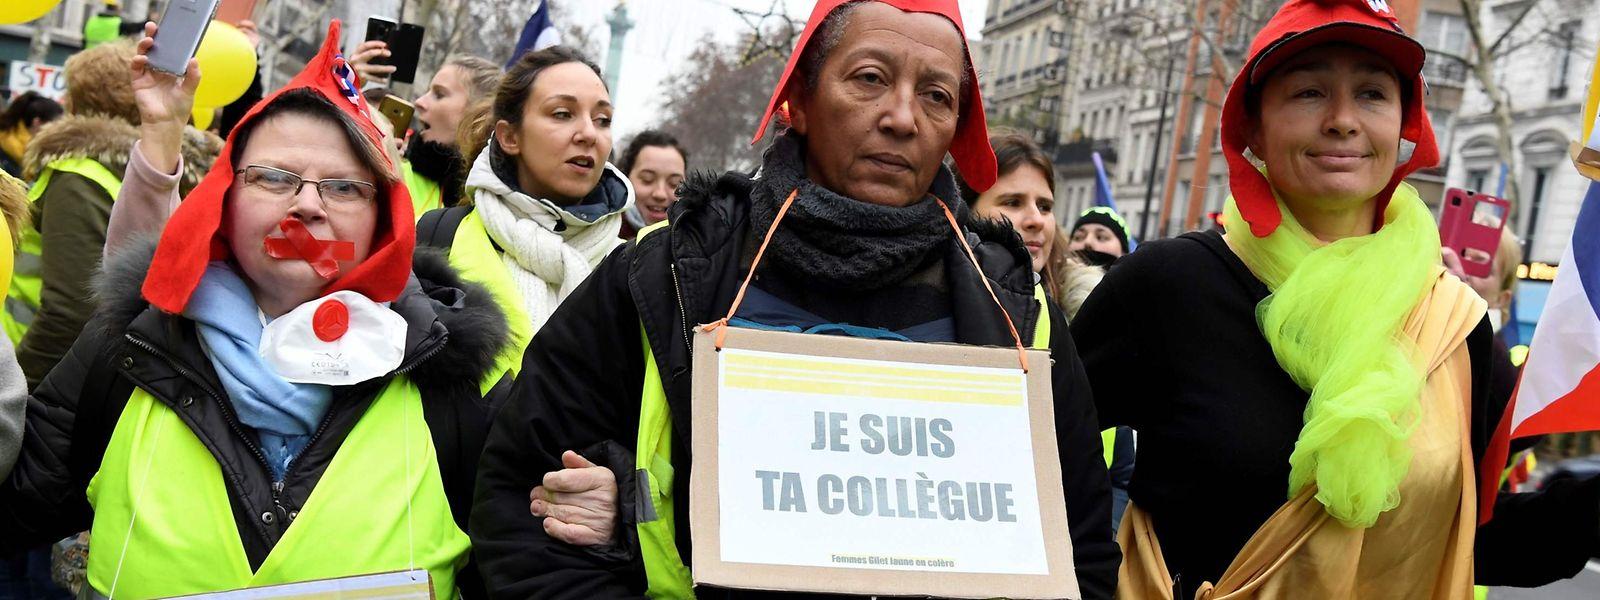 Des femmes ont manifesté en gilets jaunes, ici près de la place de la Bastille à Paris.